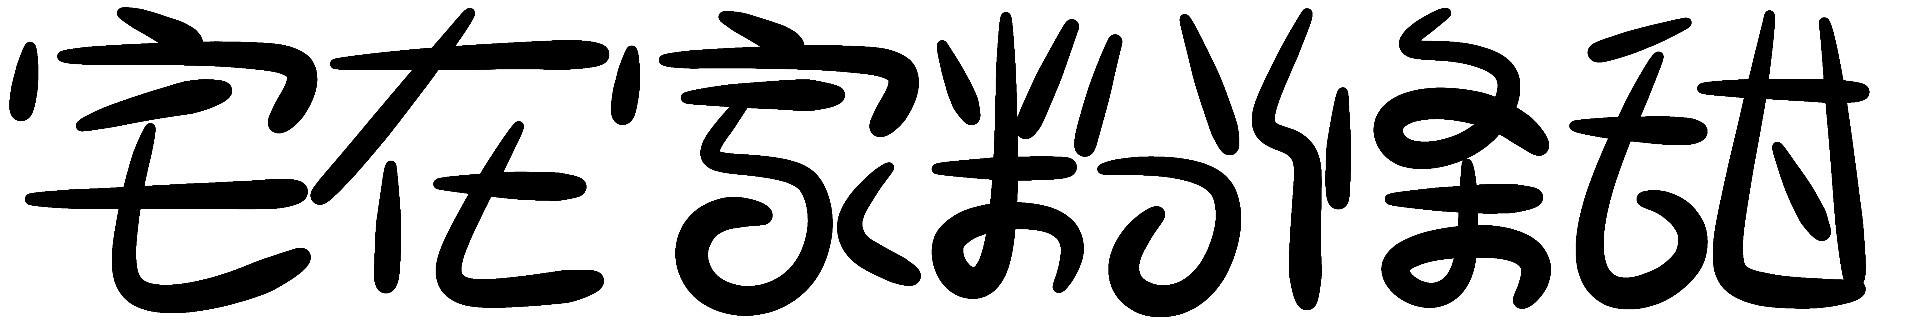 中文字体下载 免费字体下载宅在家麦克笔体